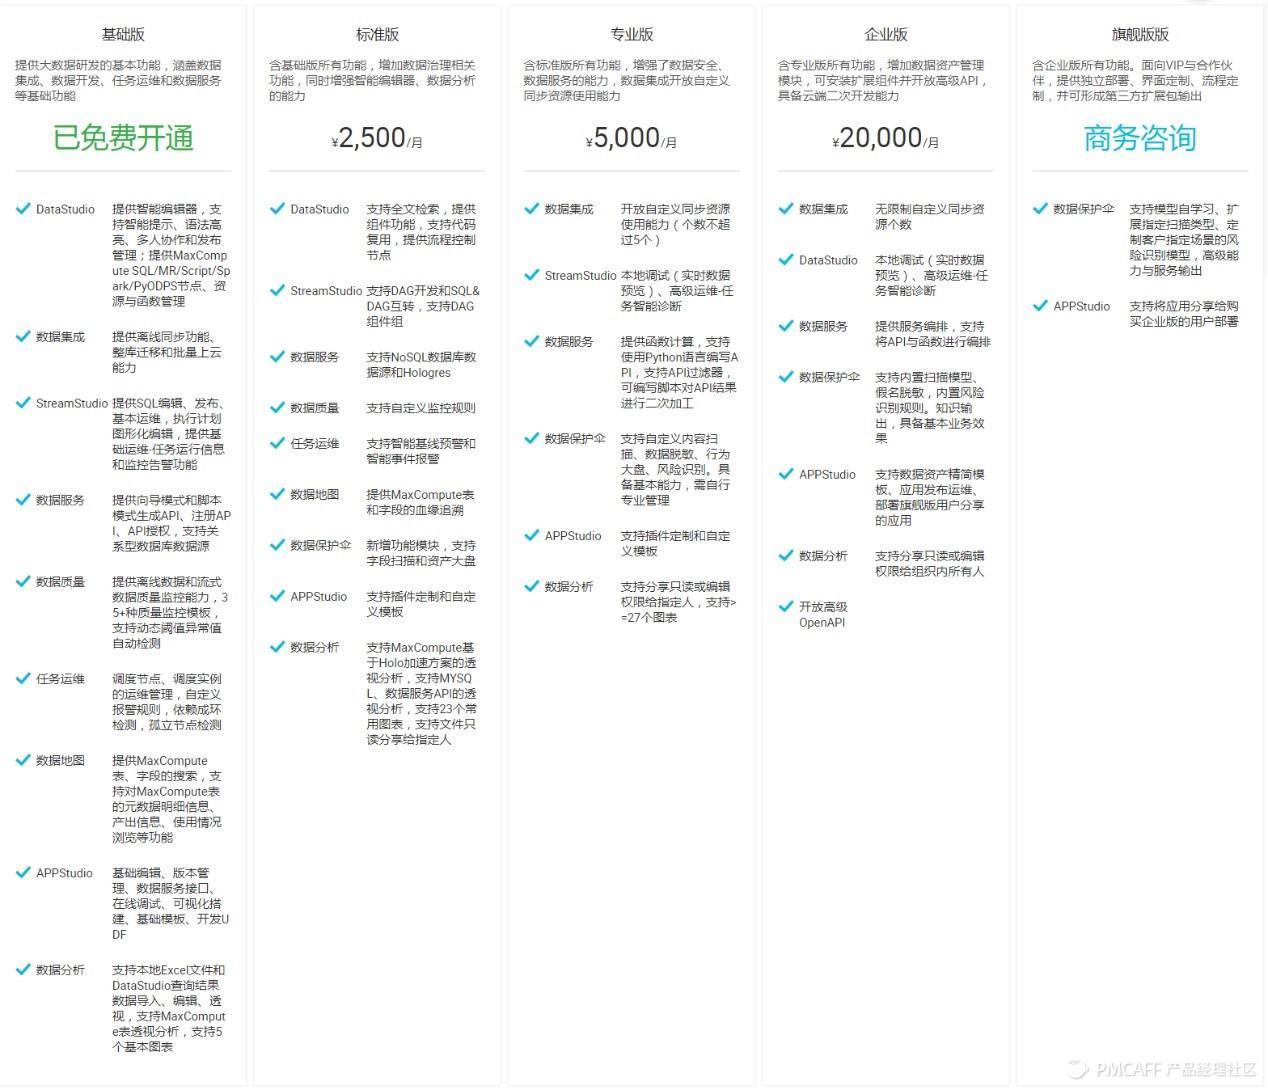 图 阿里云DataWorks版本及收费标准.jpg